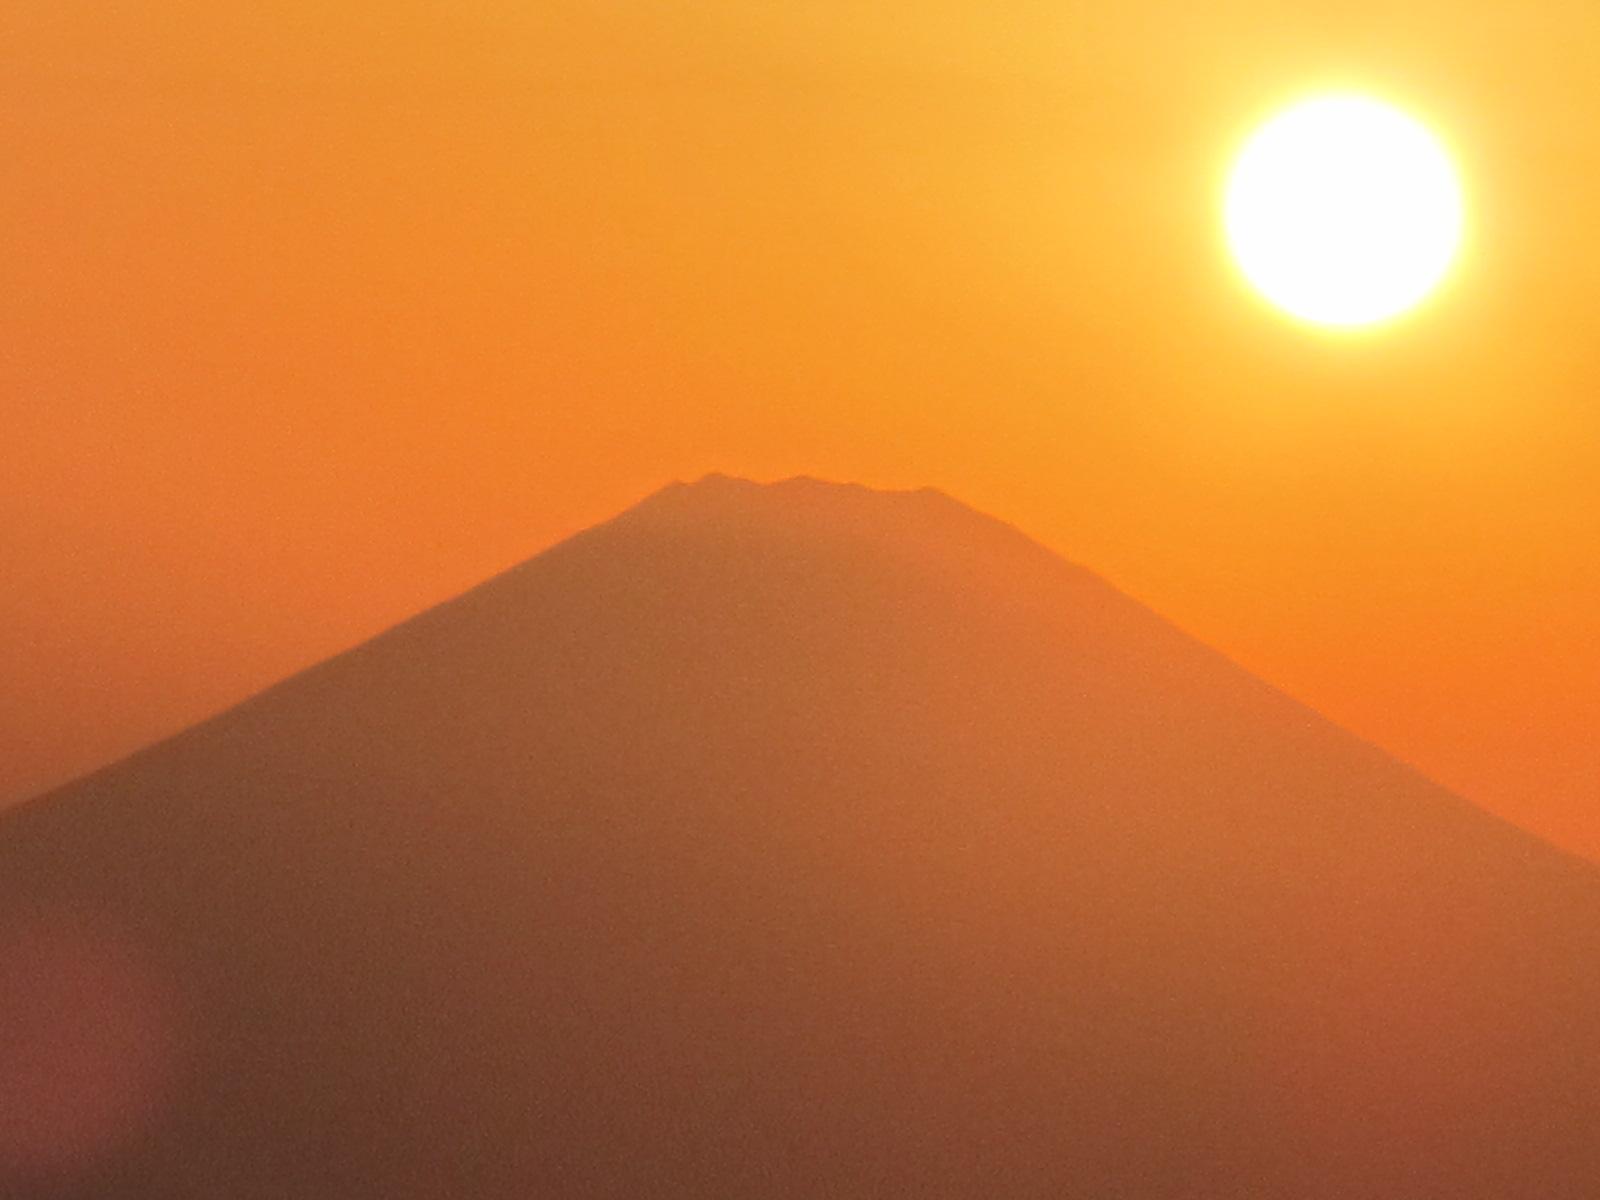 金色に耀く、ゴールデン富士・・・9_c0075701_2156212.jpg